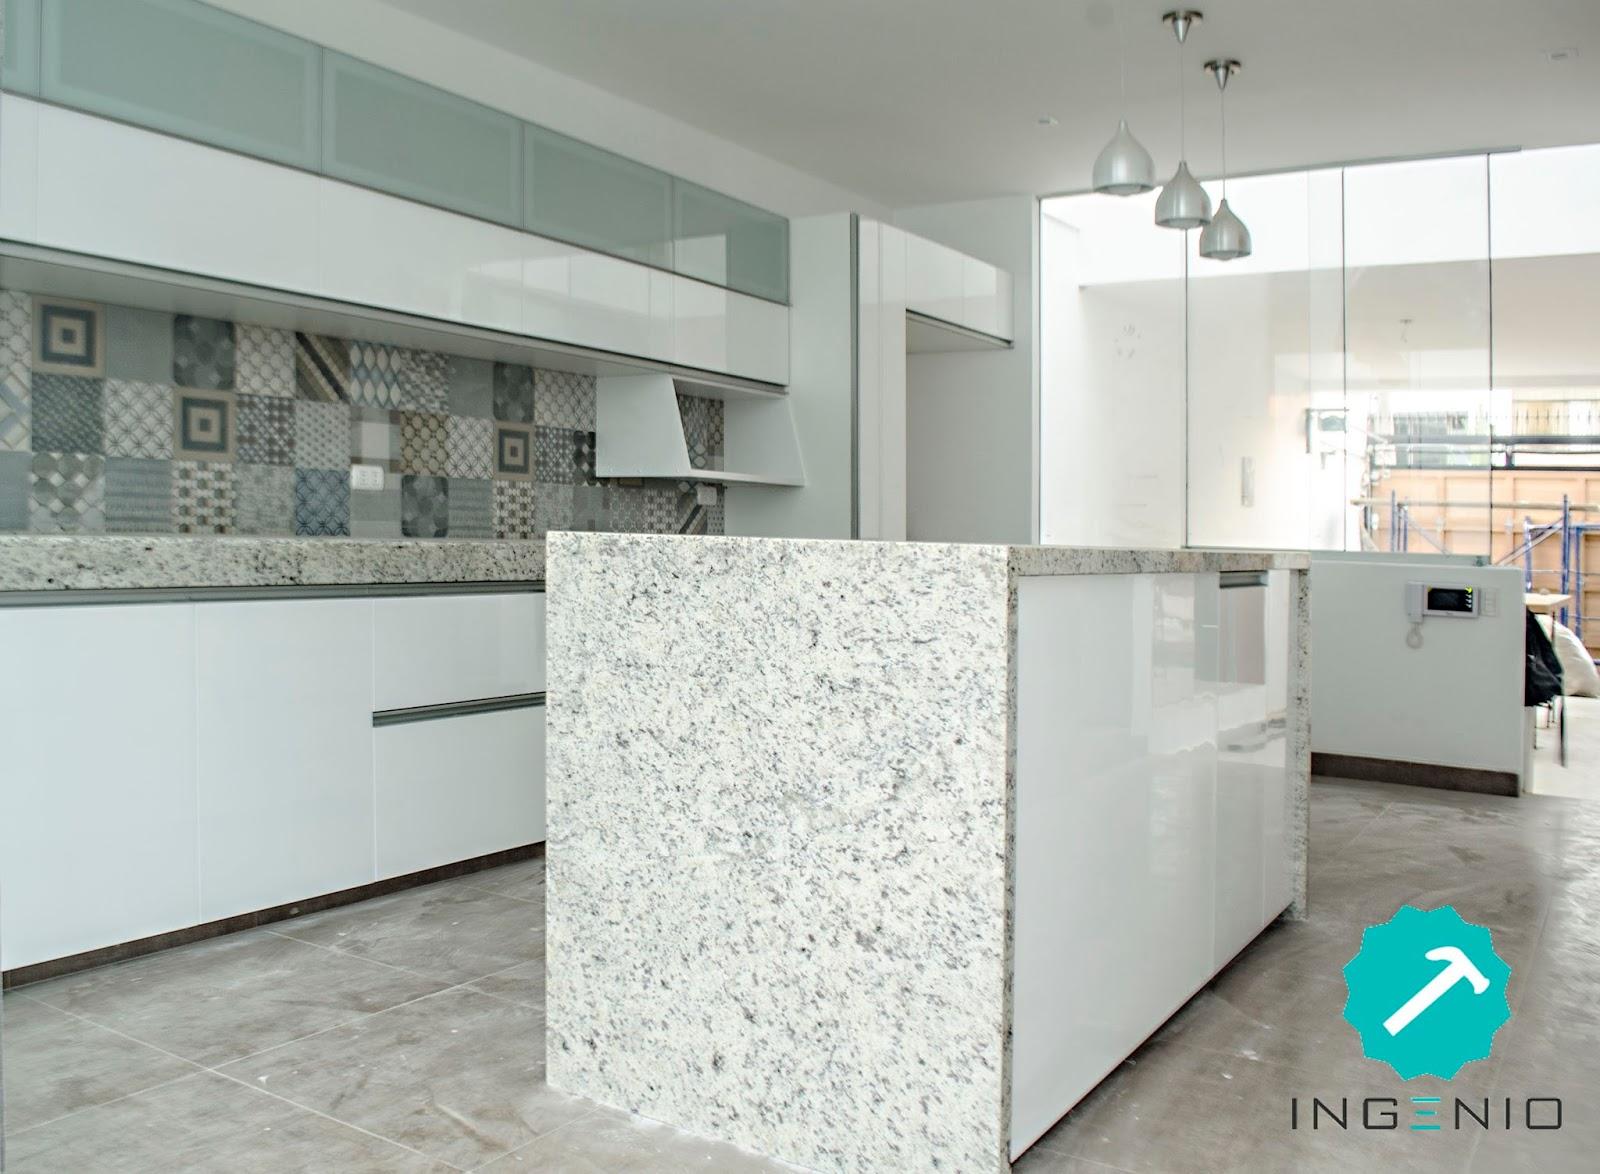 Mueble de cocina con acabado poliuretano blanco - Cocinas con bloques de vidrio ...